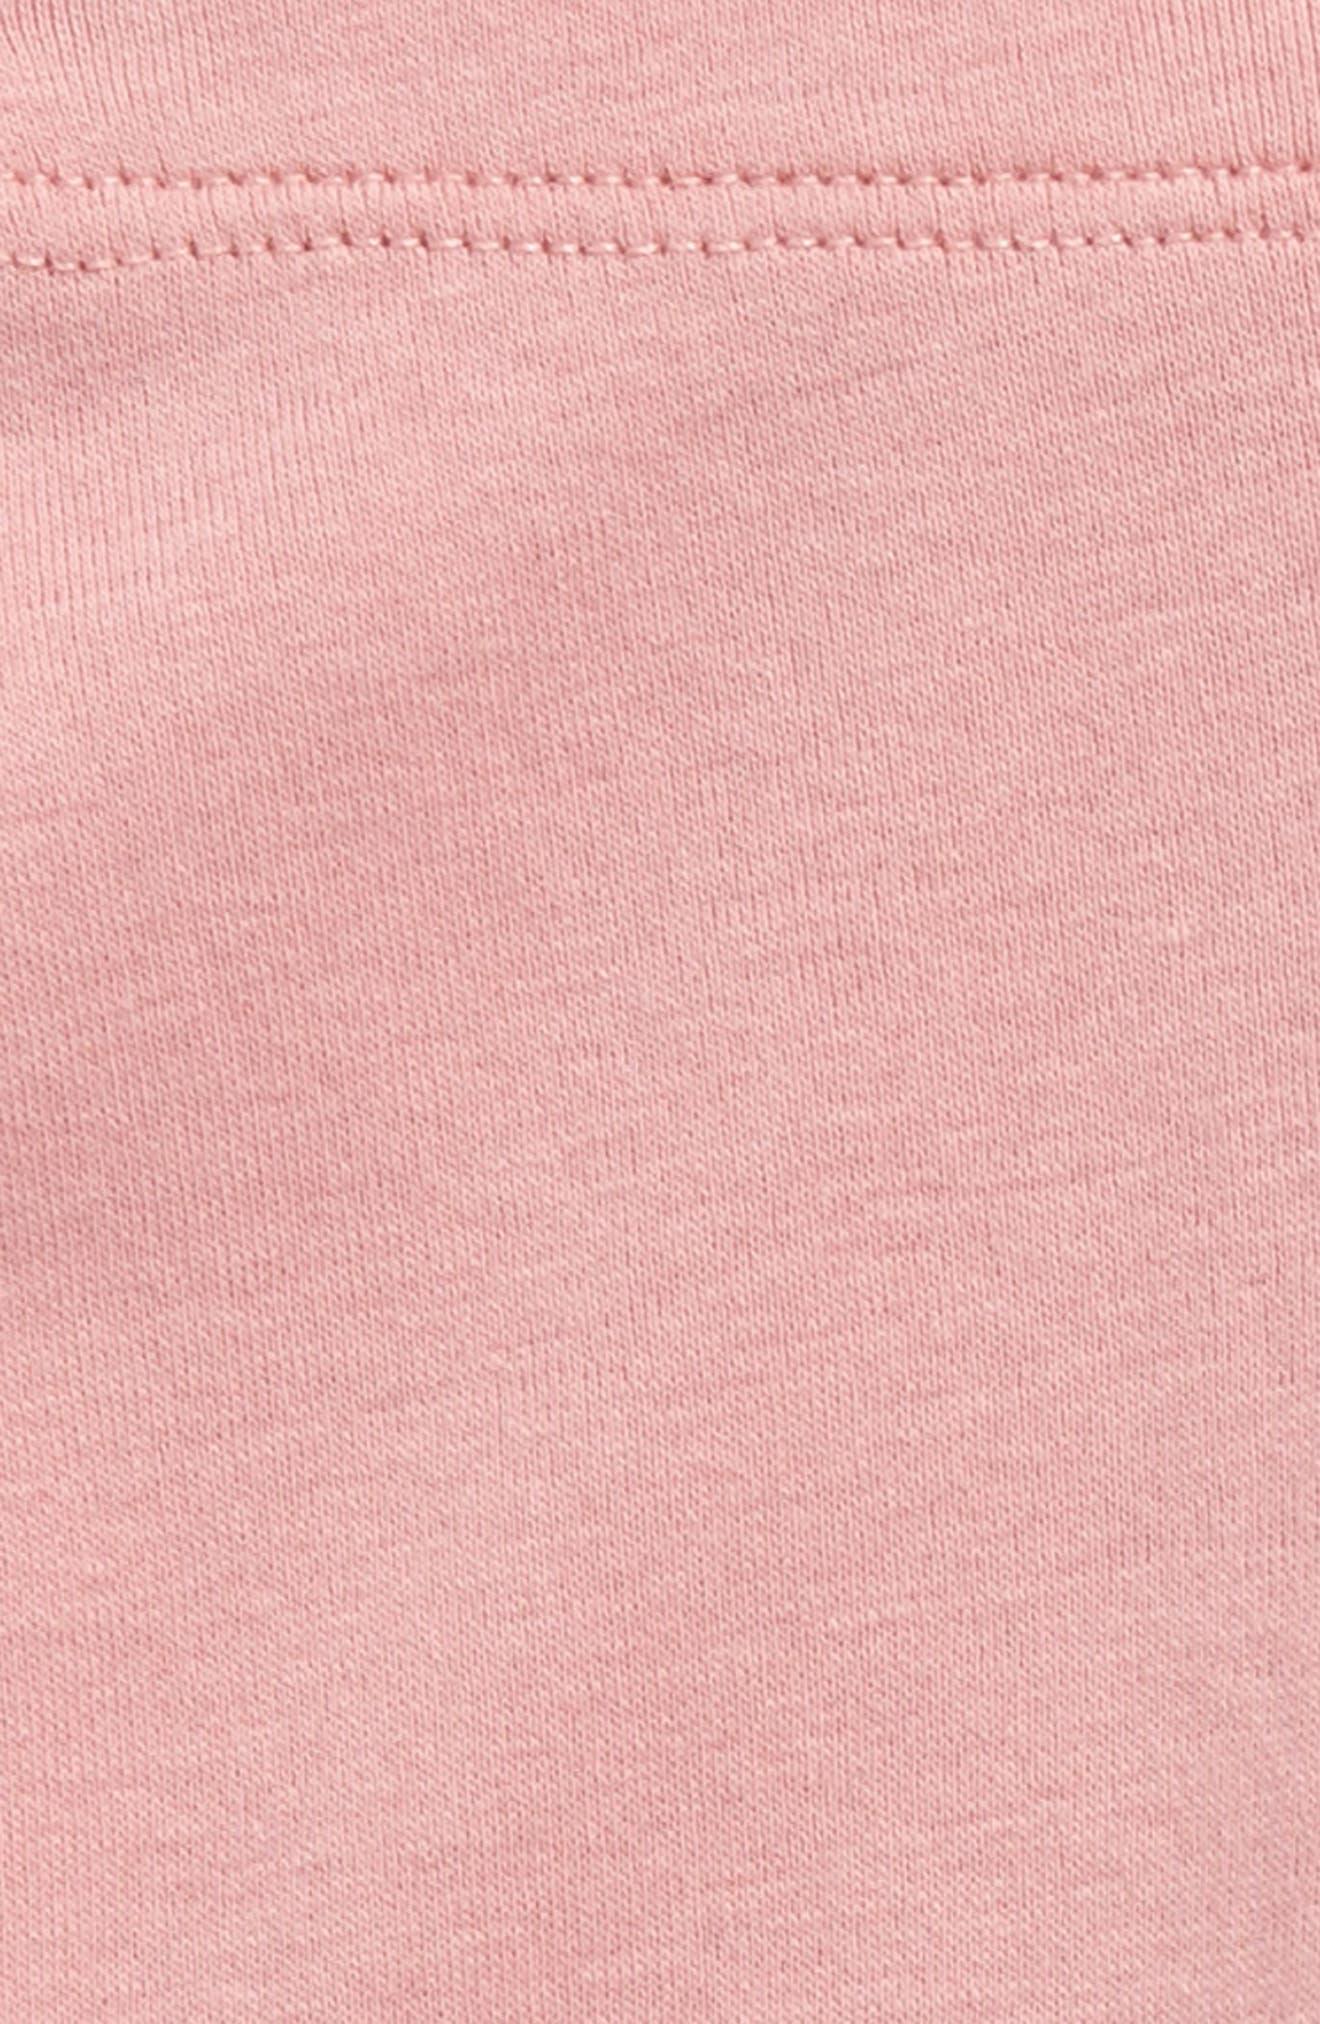 Peek Little Peanut Leggings,                             Alternate thumbnail 2, color,                             Blush